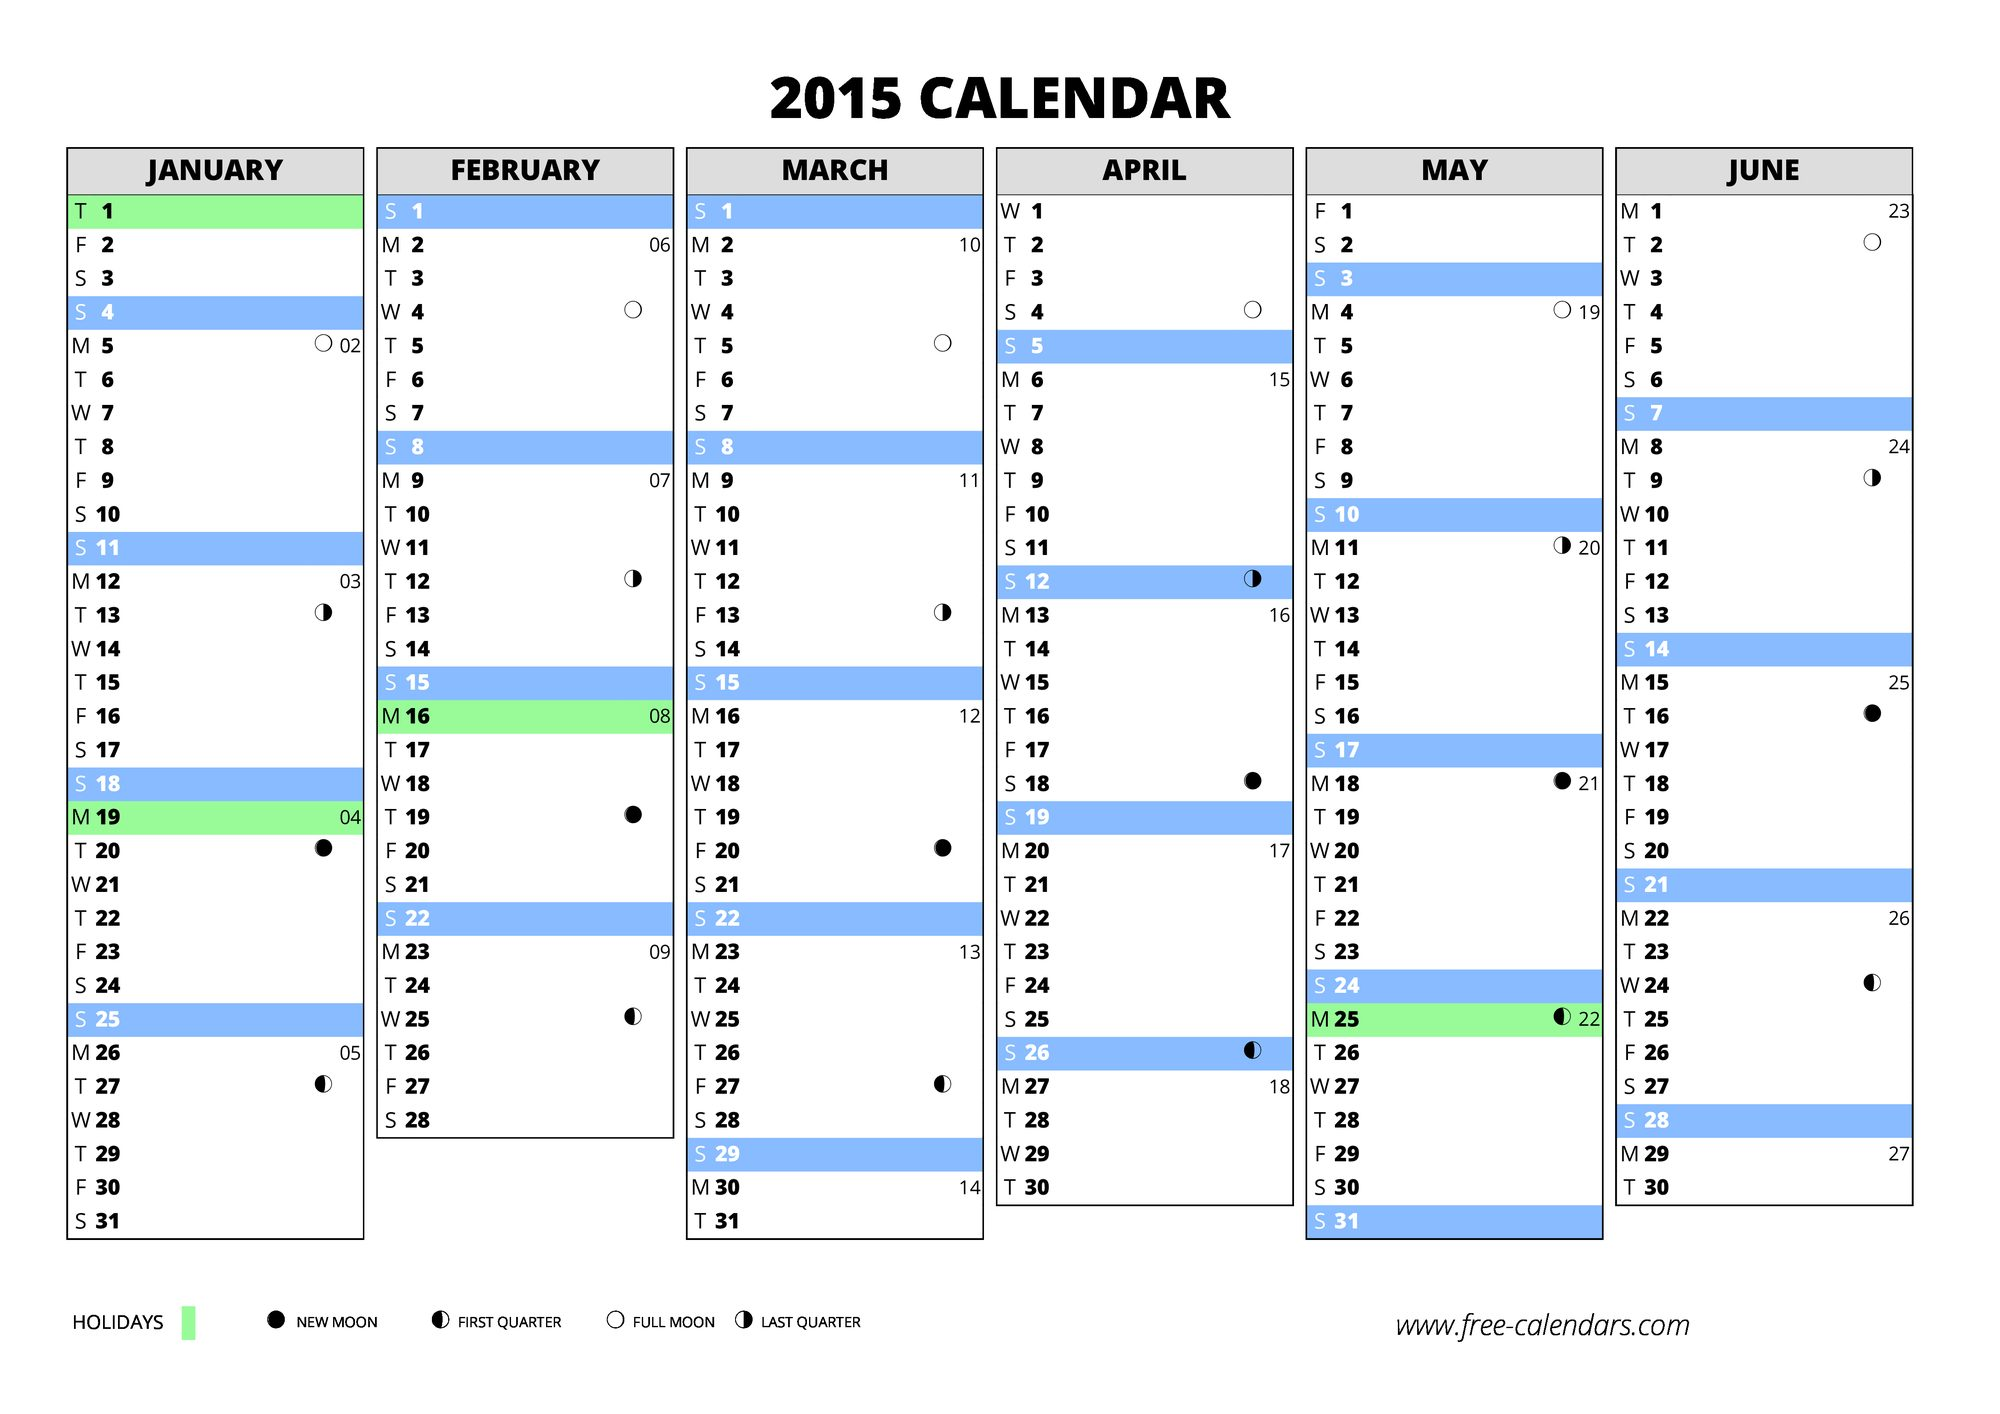 2015 blank first semester 2015 blank second semester portait 2015 calendar